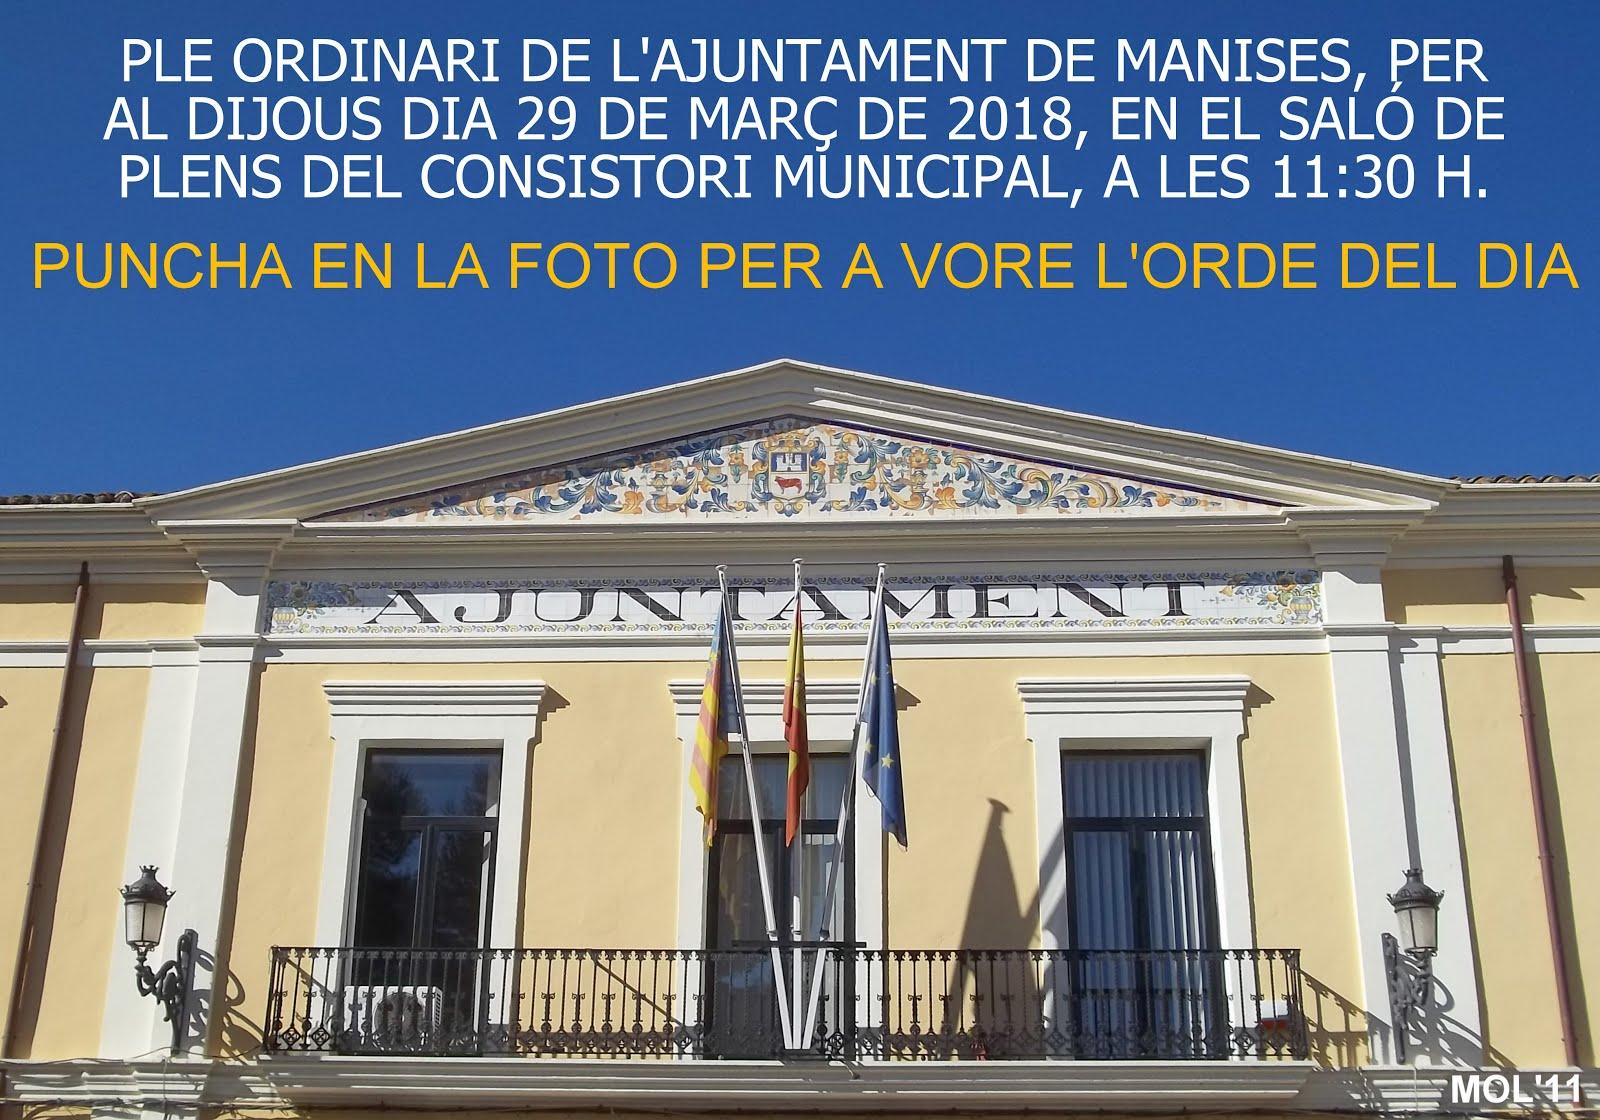 29.03.18 PLENO ORDINARIO DEL AYUNTAMIENTO DE MANISES DEL MES DE MARZO